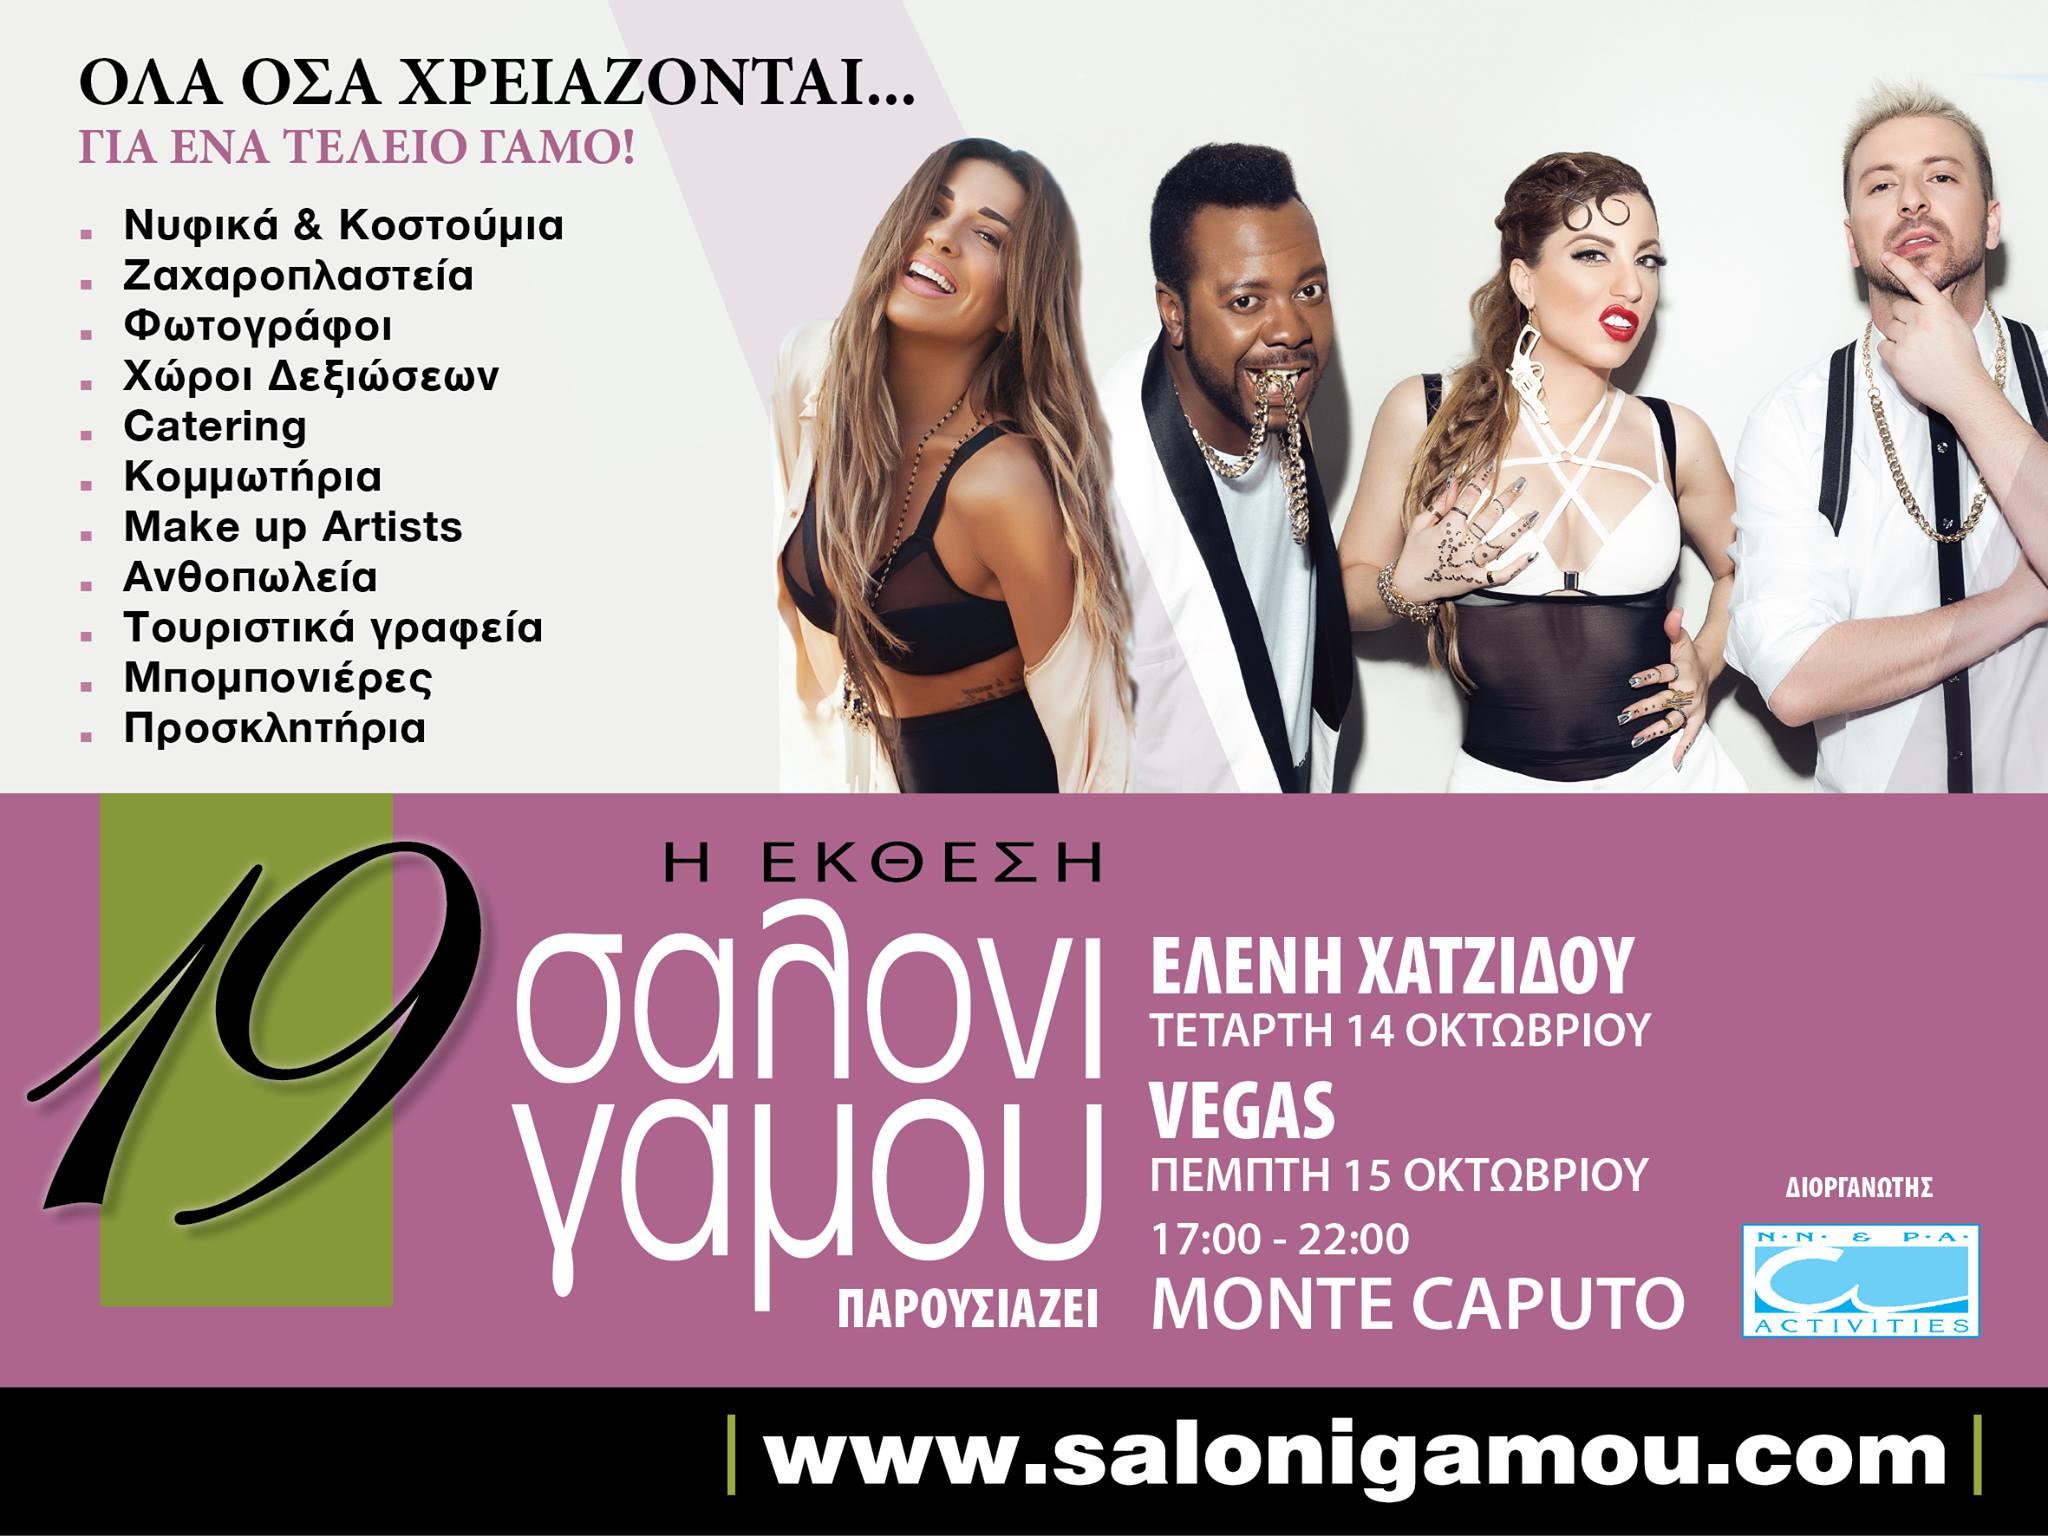 Ekthesi Saloni Gamou